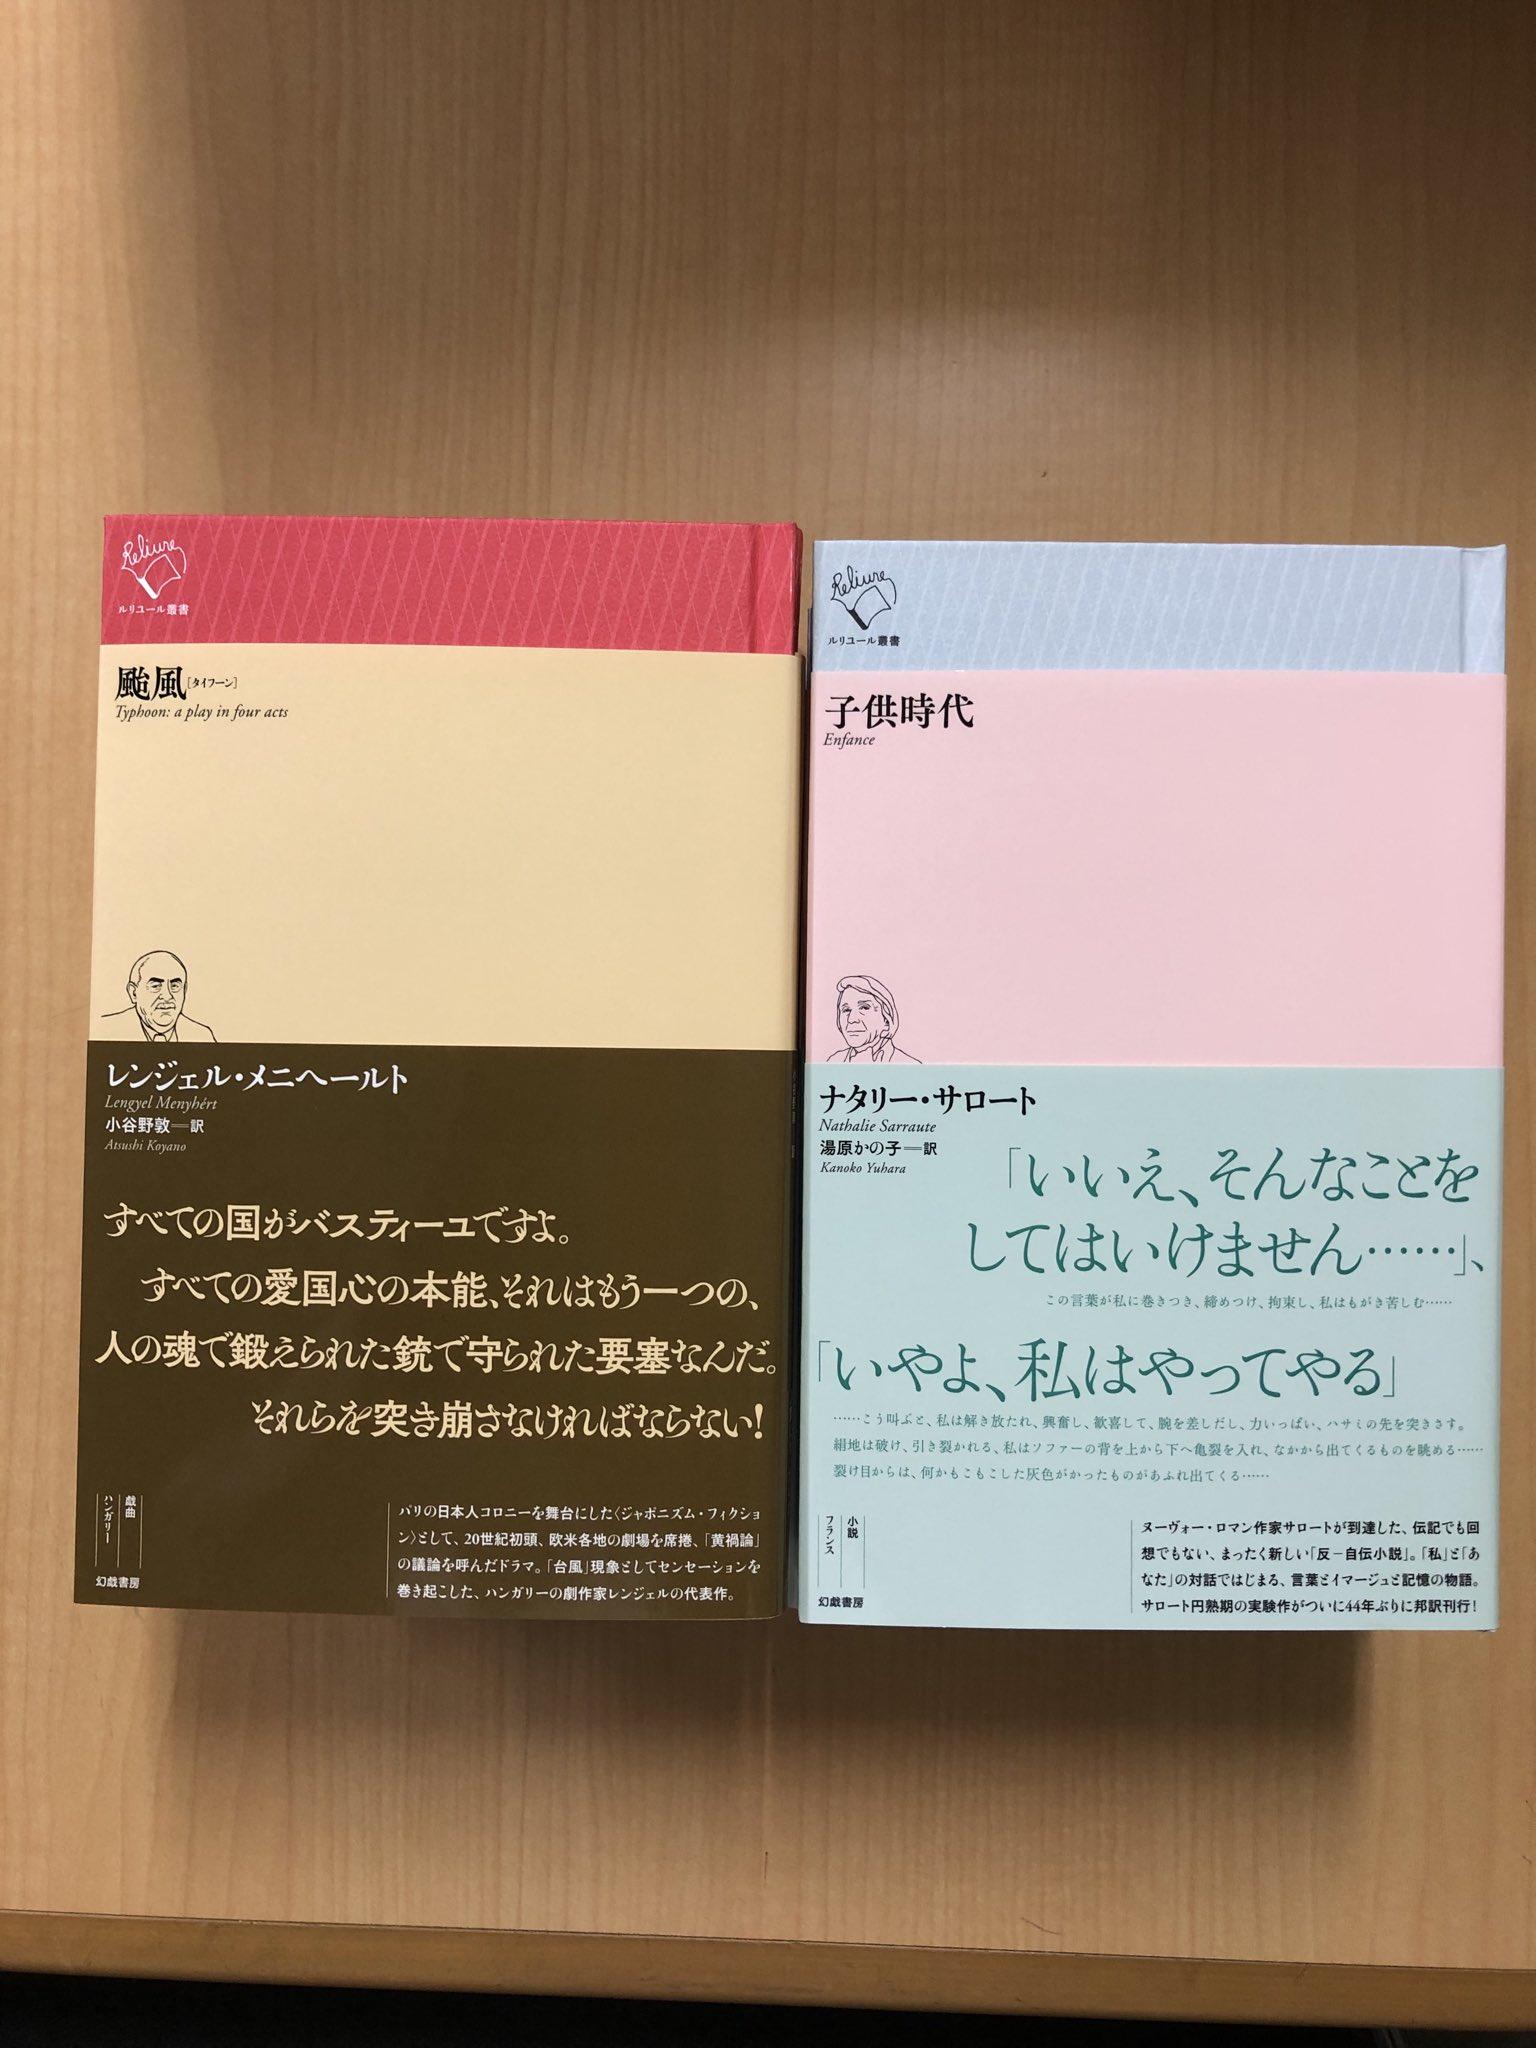 """幻戯書房 on Twitter: """"ルリユール叢書第8回配本、ハンガリー文学 ..."""